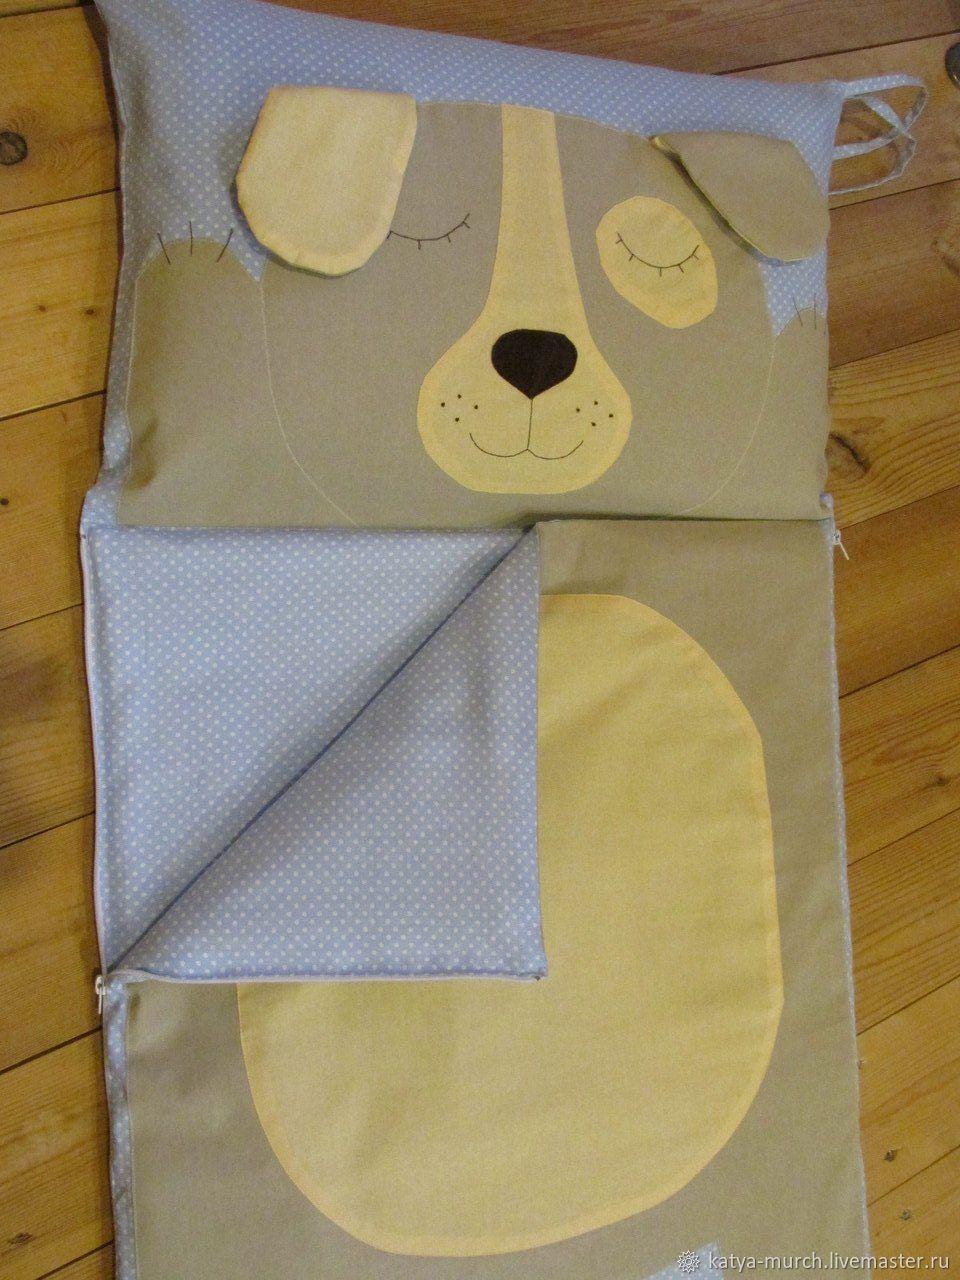 """Детская ручной работы. Ярмарка Мастеров - ручная работа. Купить Спальный мешок, спальник """"Собачка"""". Handmade. Конверт, спальник"""